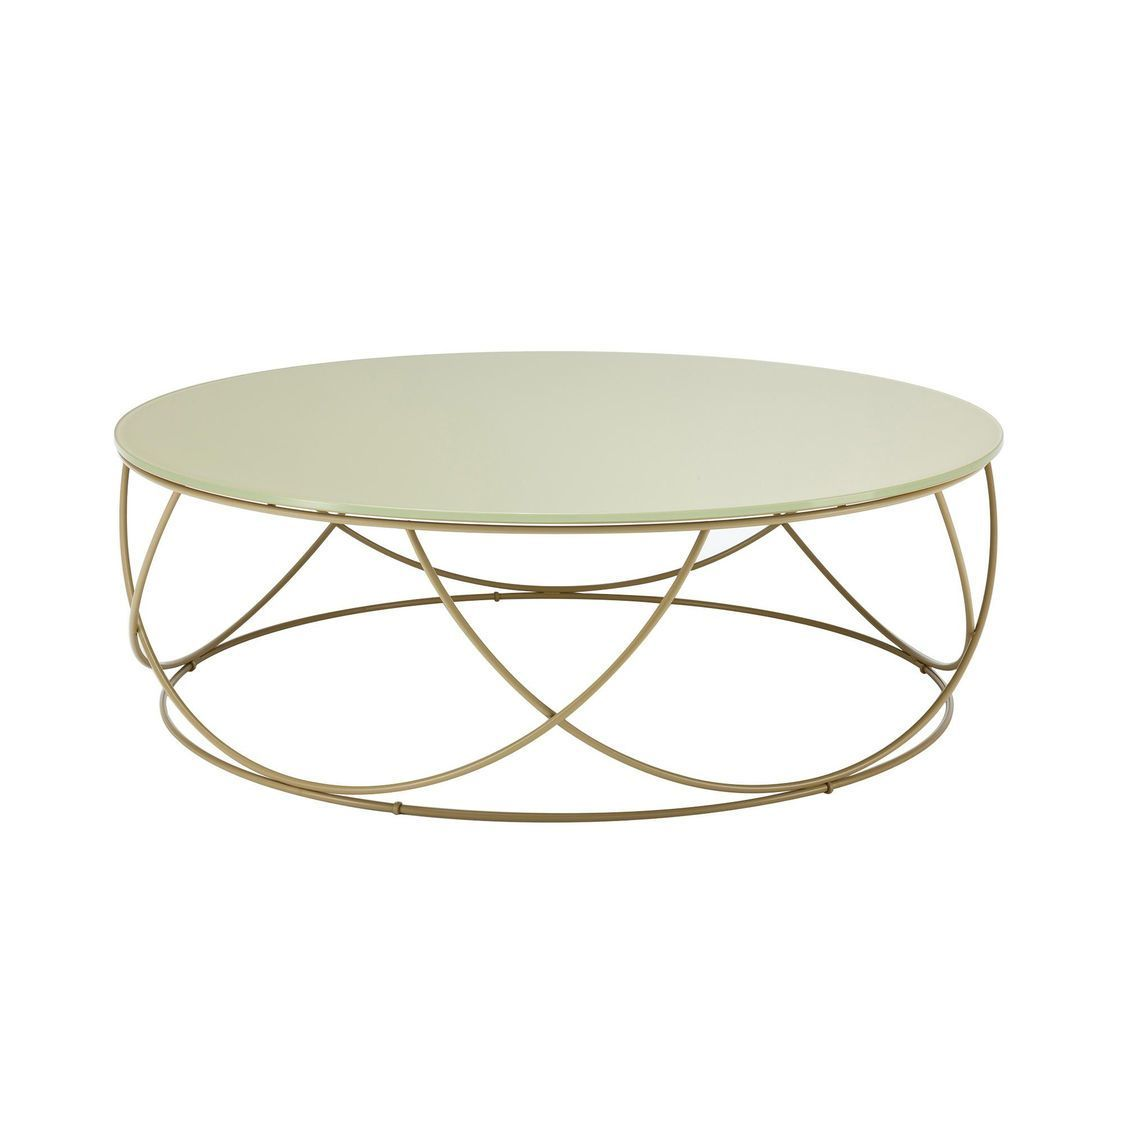 rolf benz 8770 salontafel 80cm rolf benz. Black Bedroom Furniture Sets. Home Design Ideas